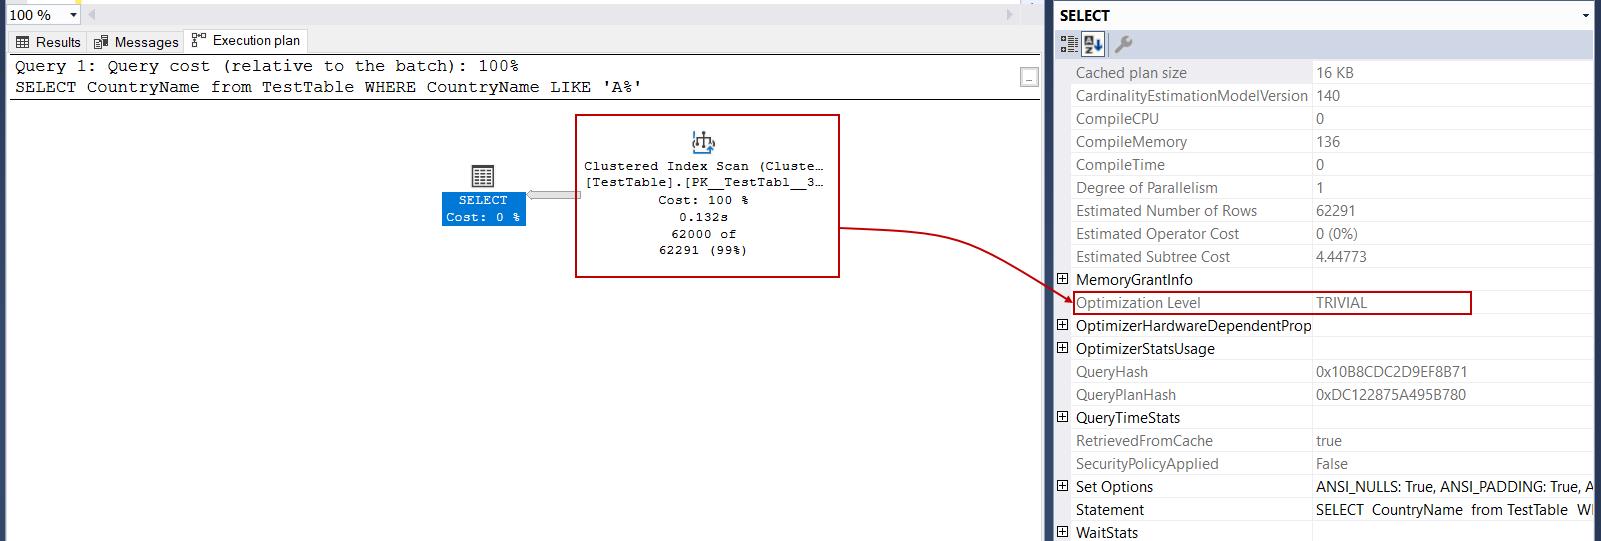 Detalhes do plano de execução trivial de uma consulta Transact-SQL